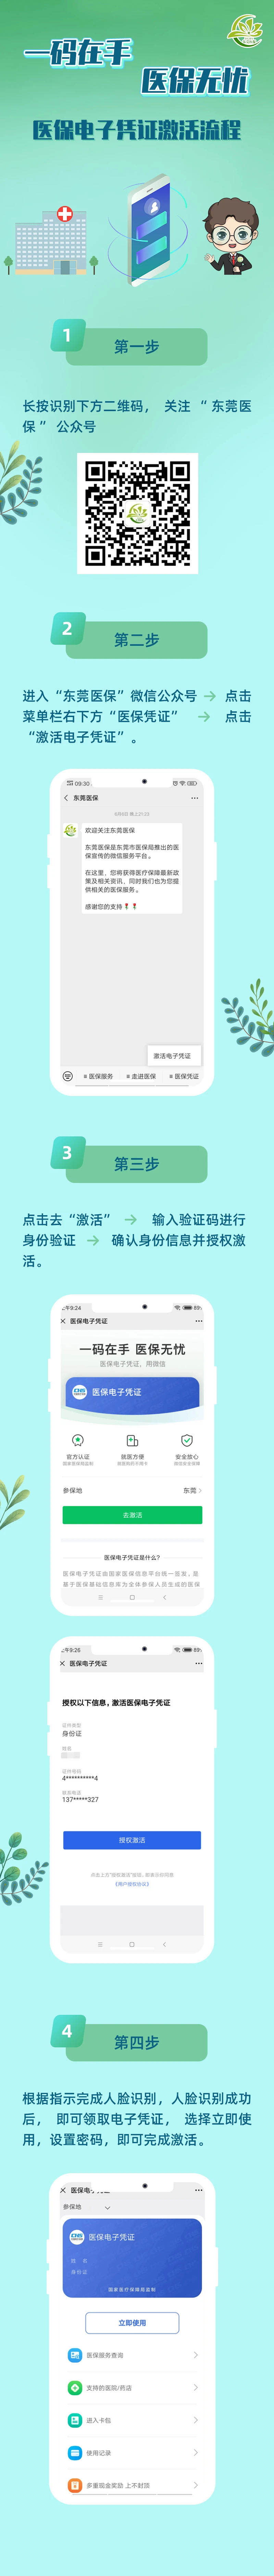 东莞电子医保激活流程(1).jpg